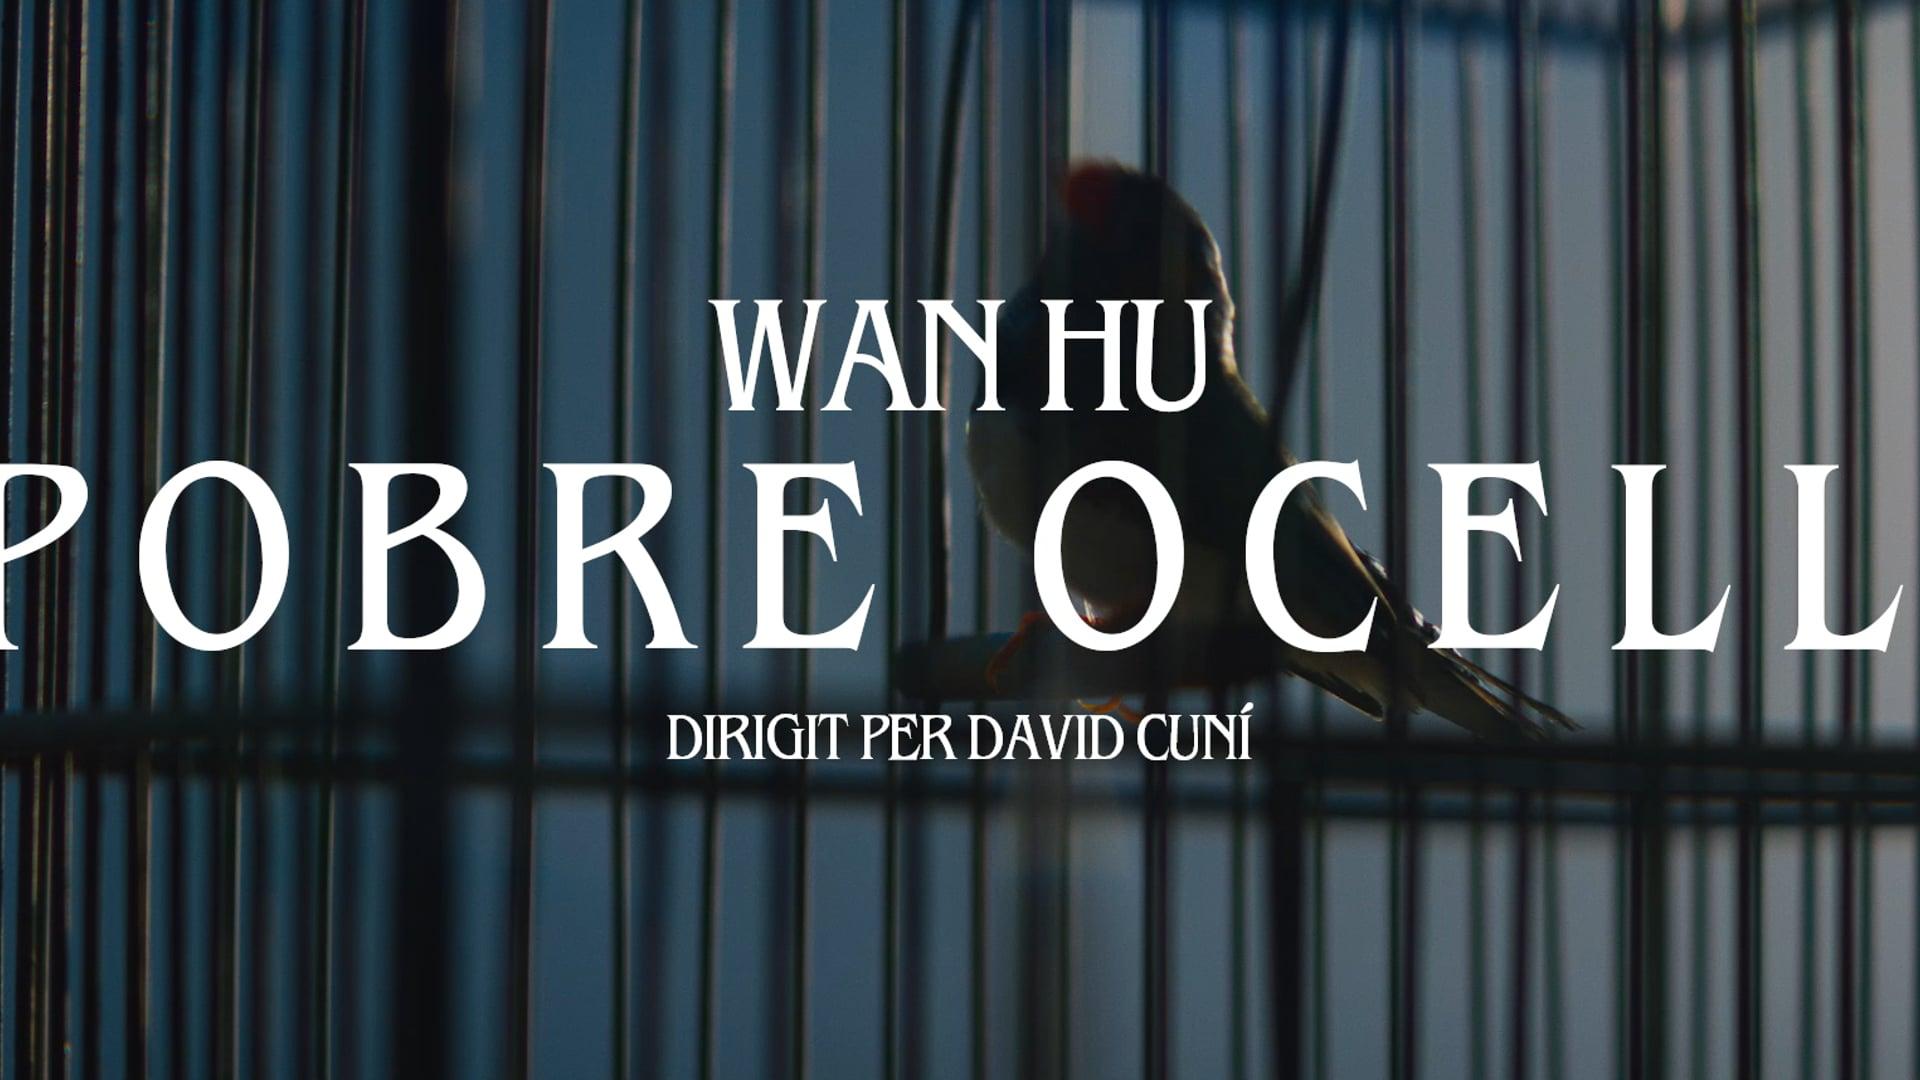 WAN HU 'Pobre Ocell'